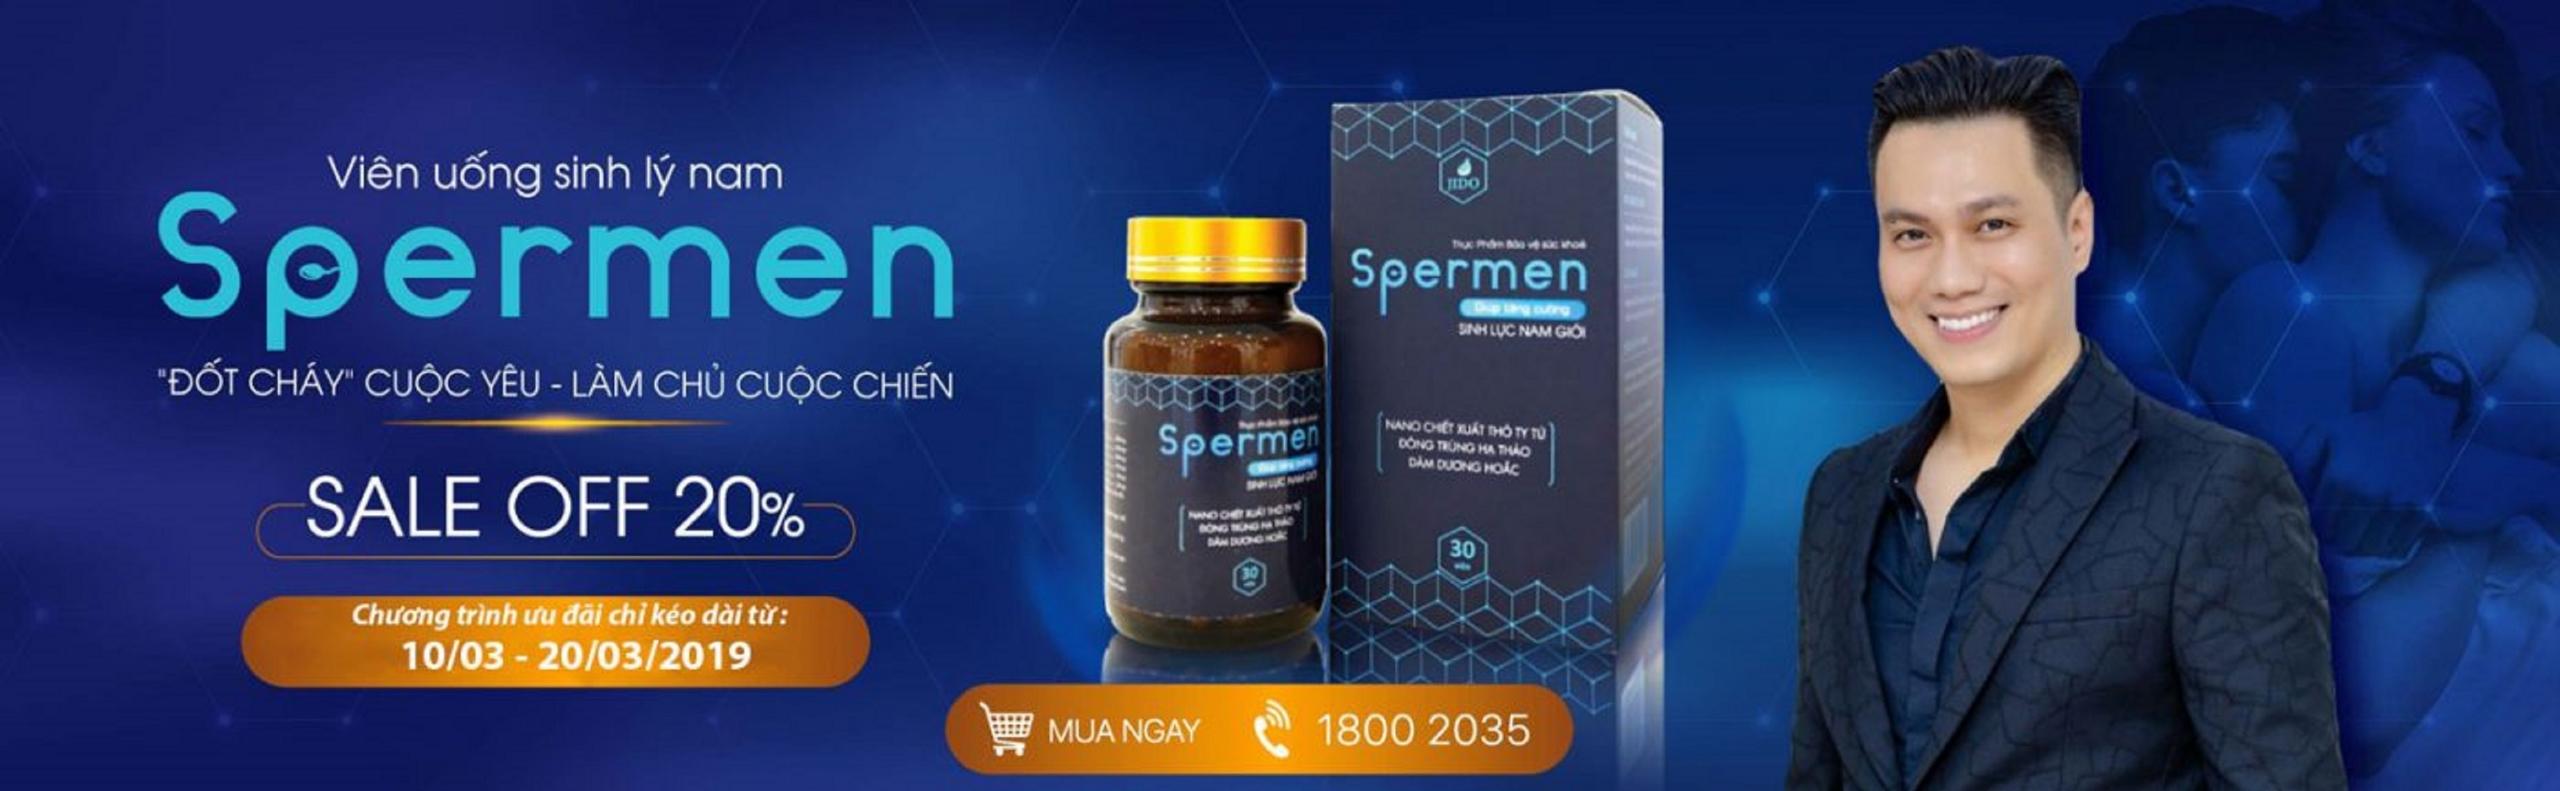 spermenvn (@spermenvn) Cover Image